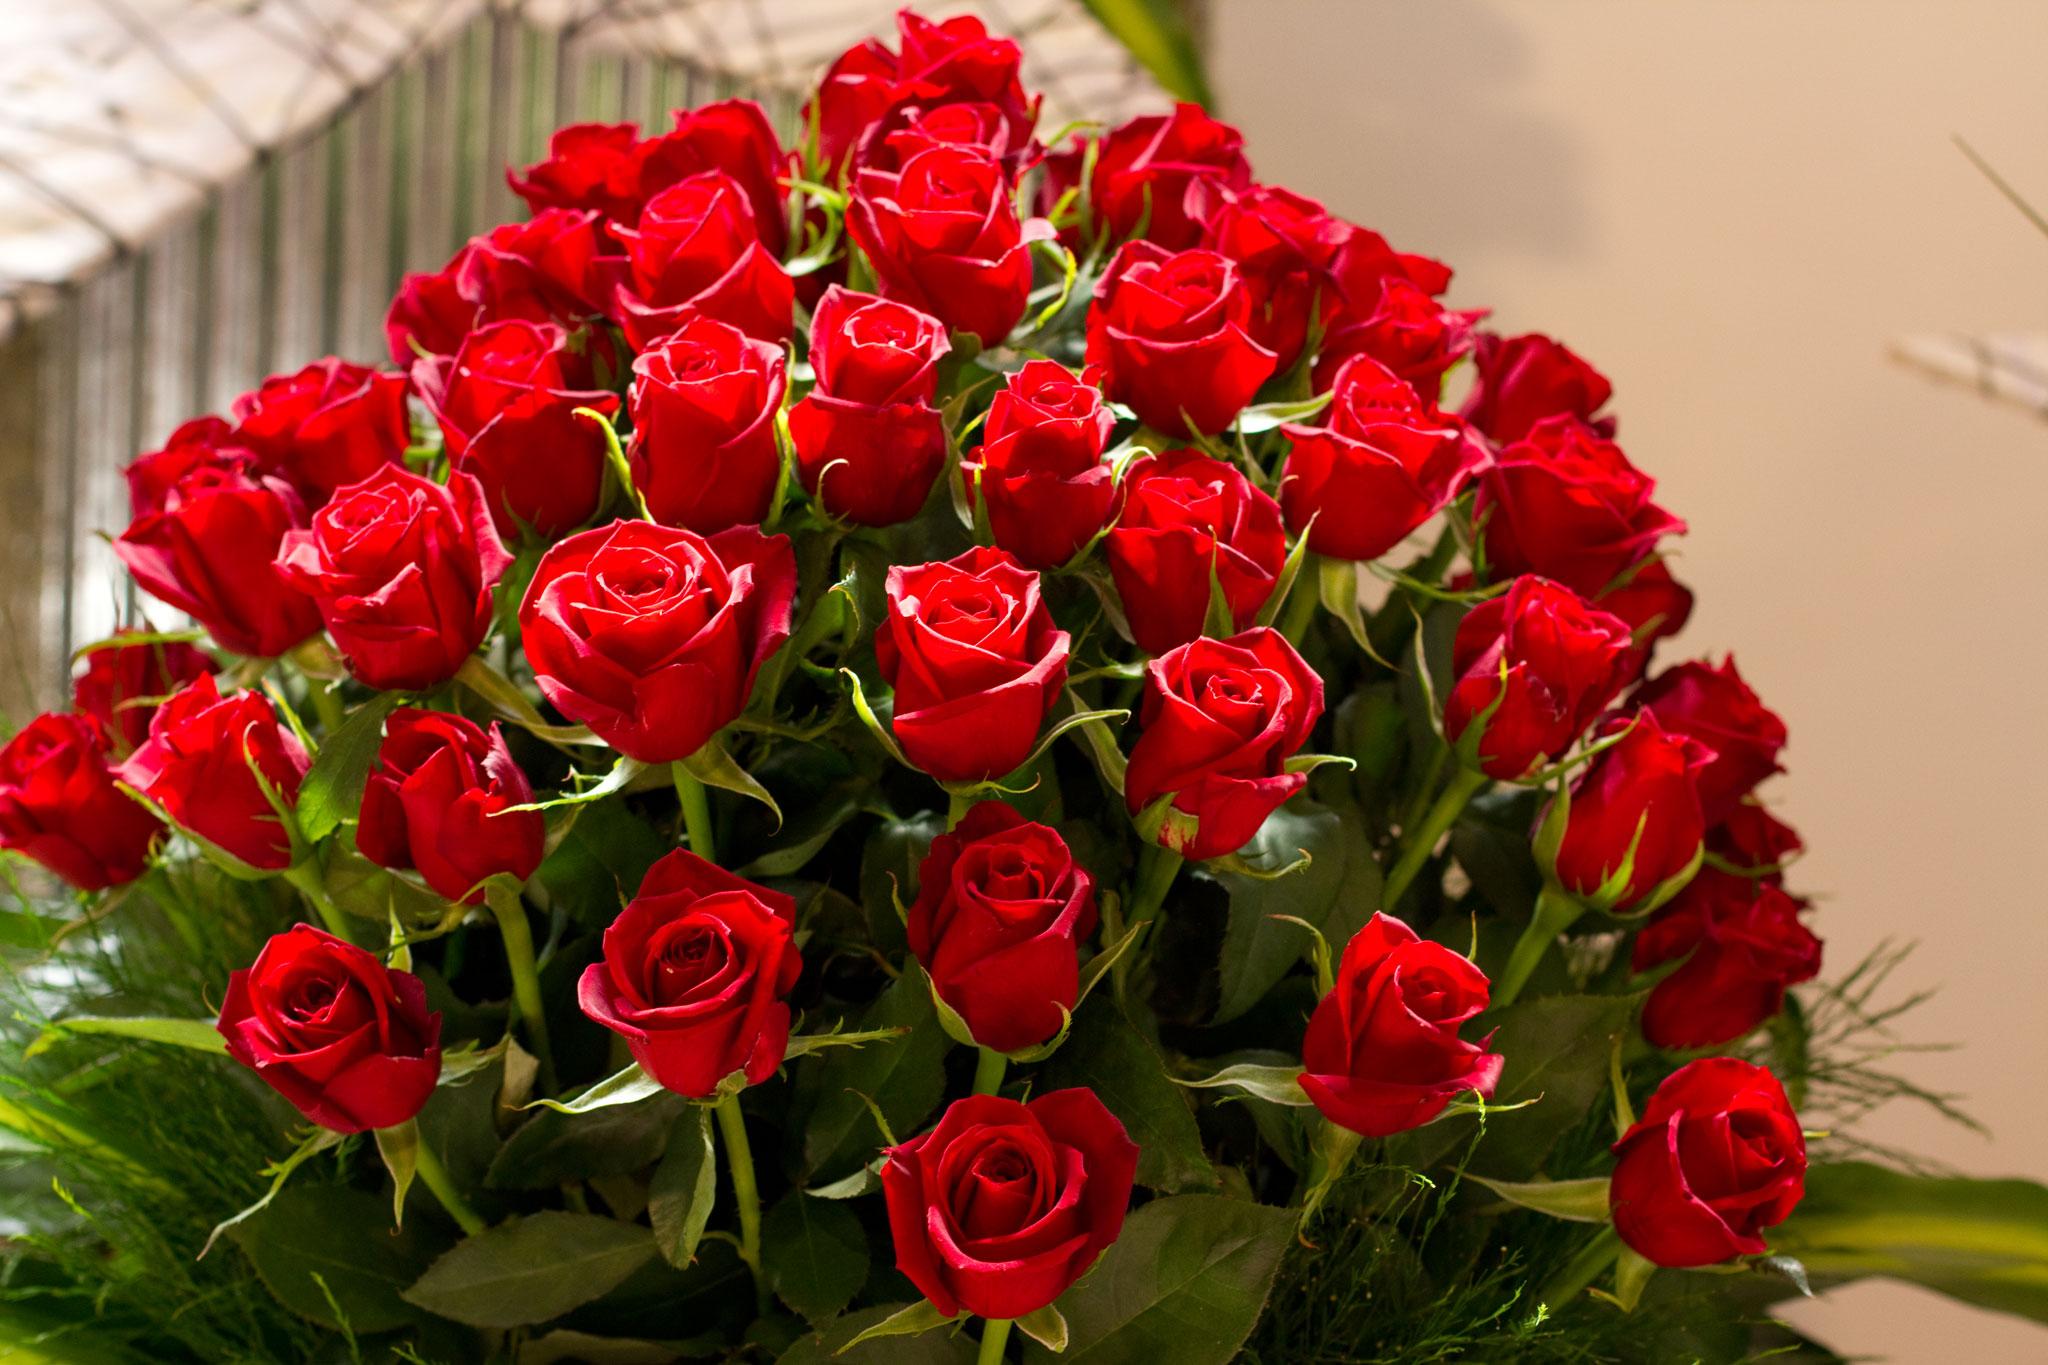 بالصور اجمل صور ورد , اجمل زهور لبوستات الحب 1444 2